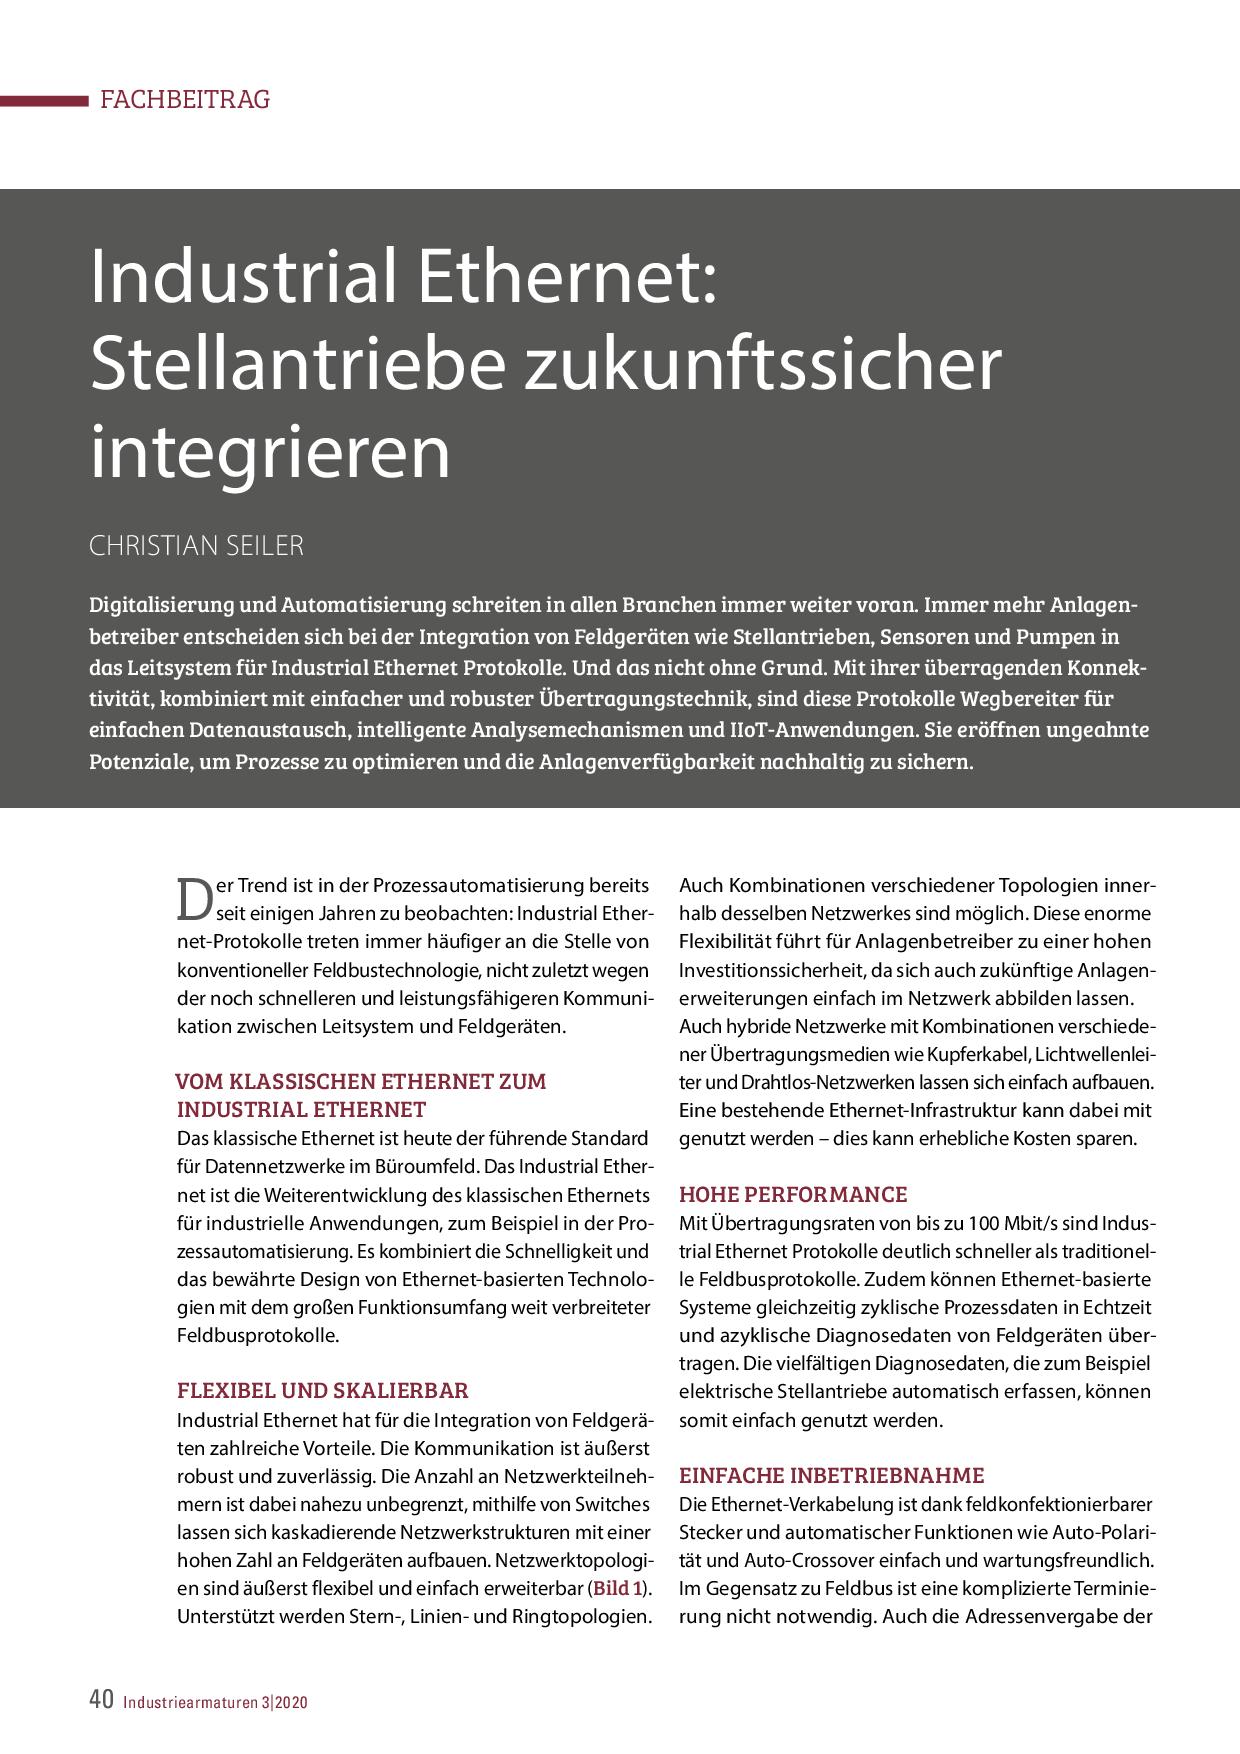 Industrial Ethernet: Stellantriebe zukunftssicher integrieren